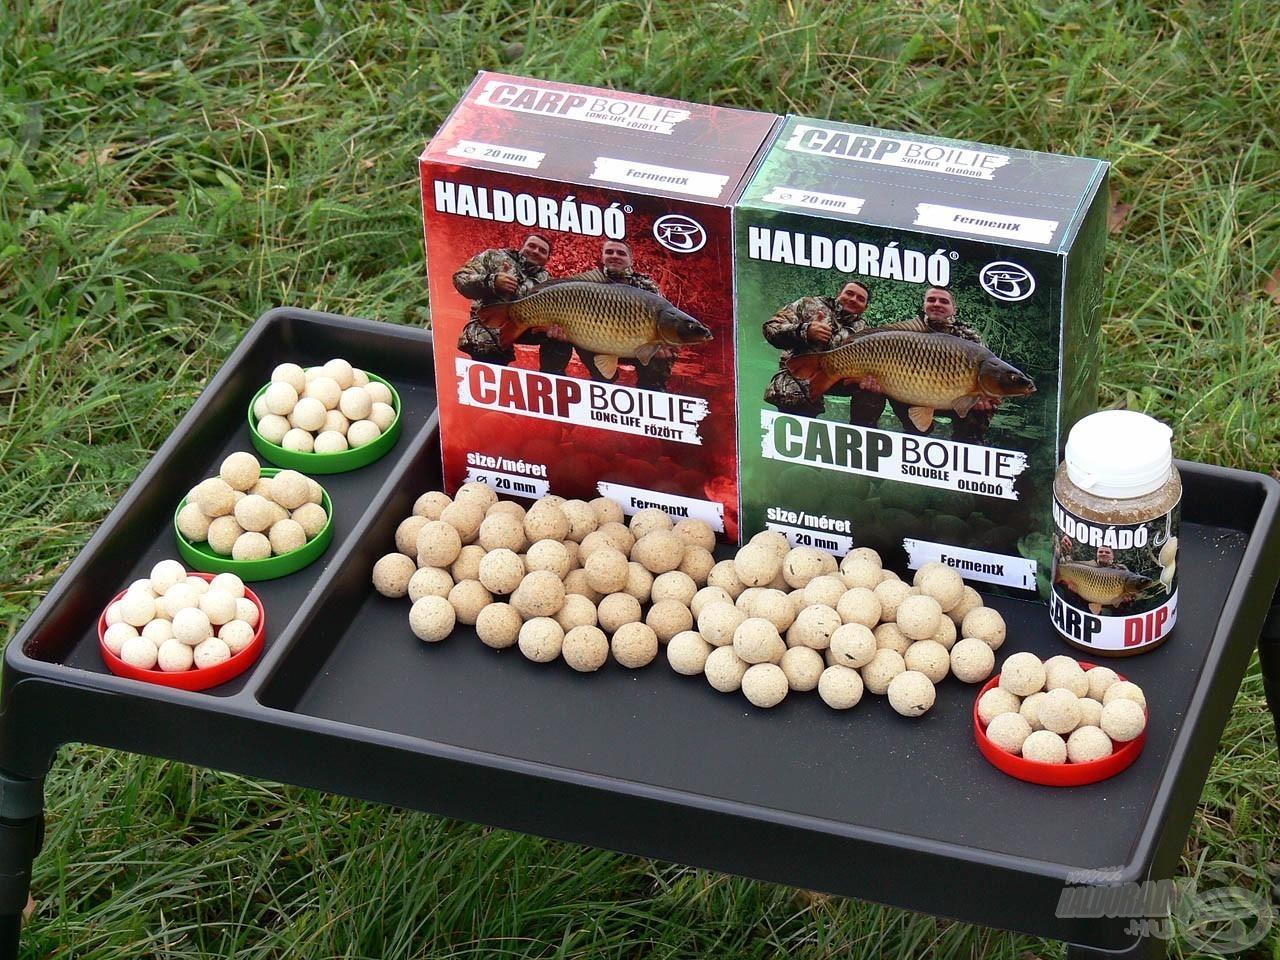 Valamennyi Carp Boilie dobozos bojlit, illetve különleges csalizó bojlit ezen a 3 napon lehet először megvásárolni